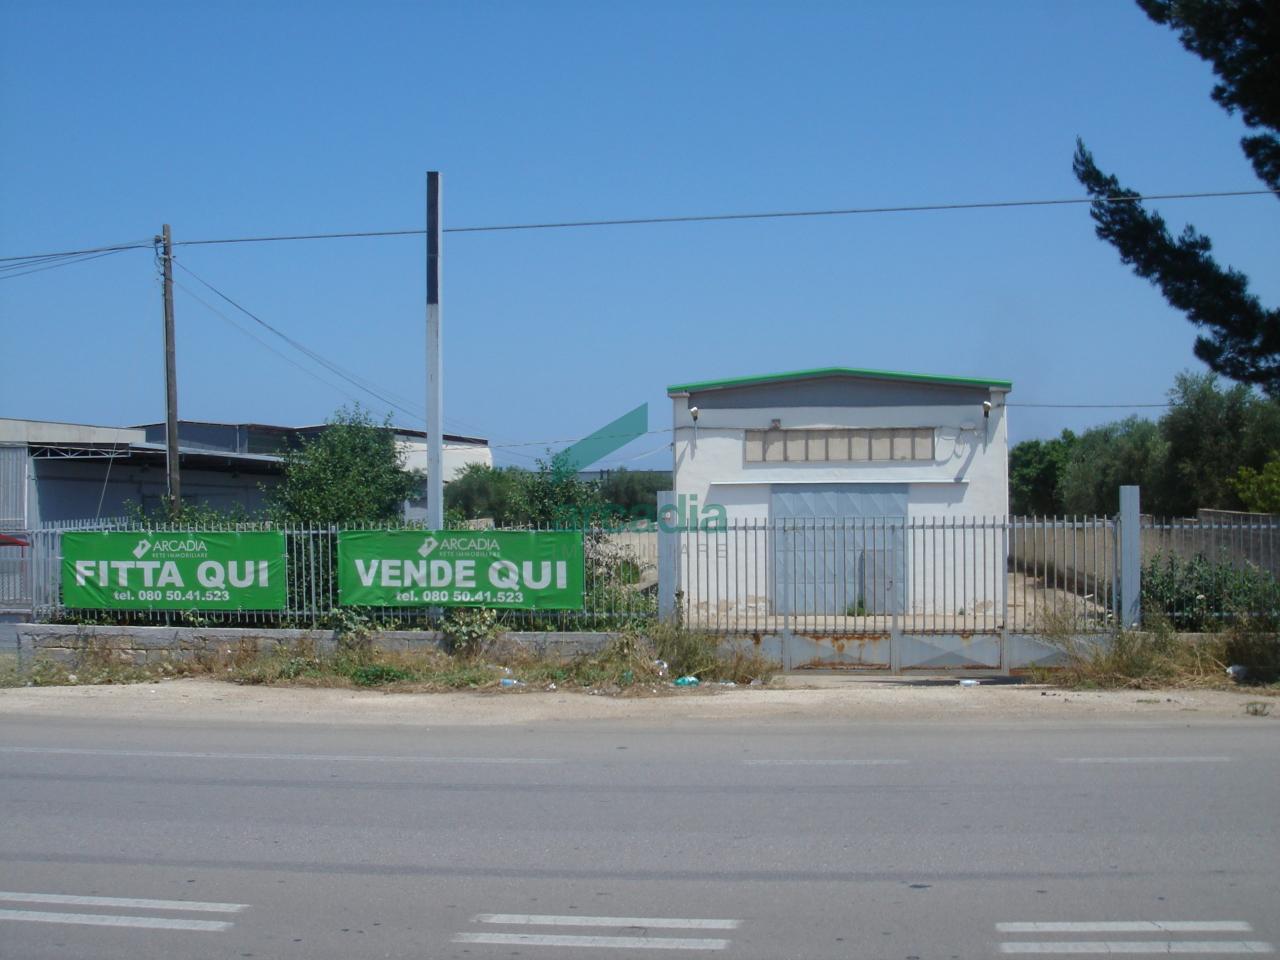 Capannone in vendita a Bitonto, 1 locali, prezzo € 420.000 | CambioCasa.it